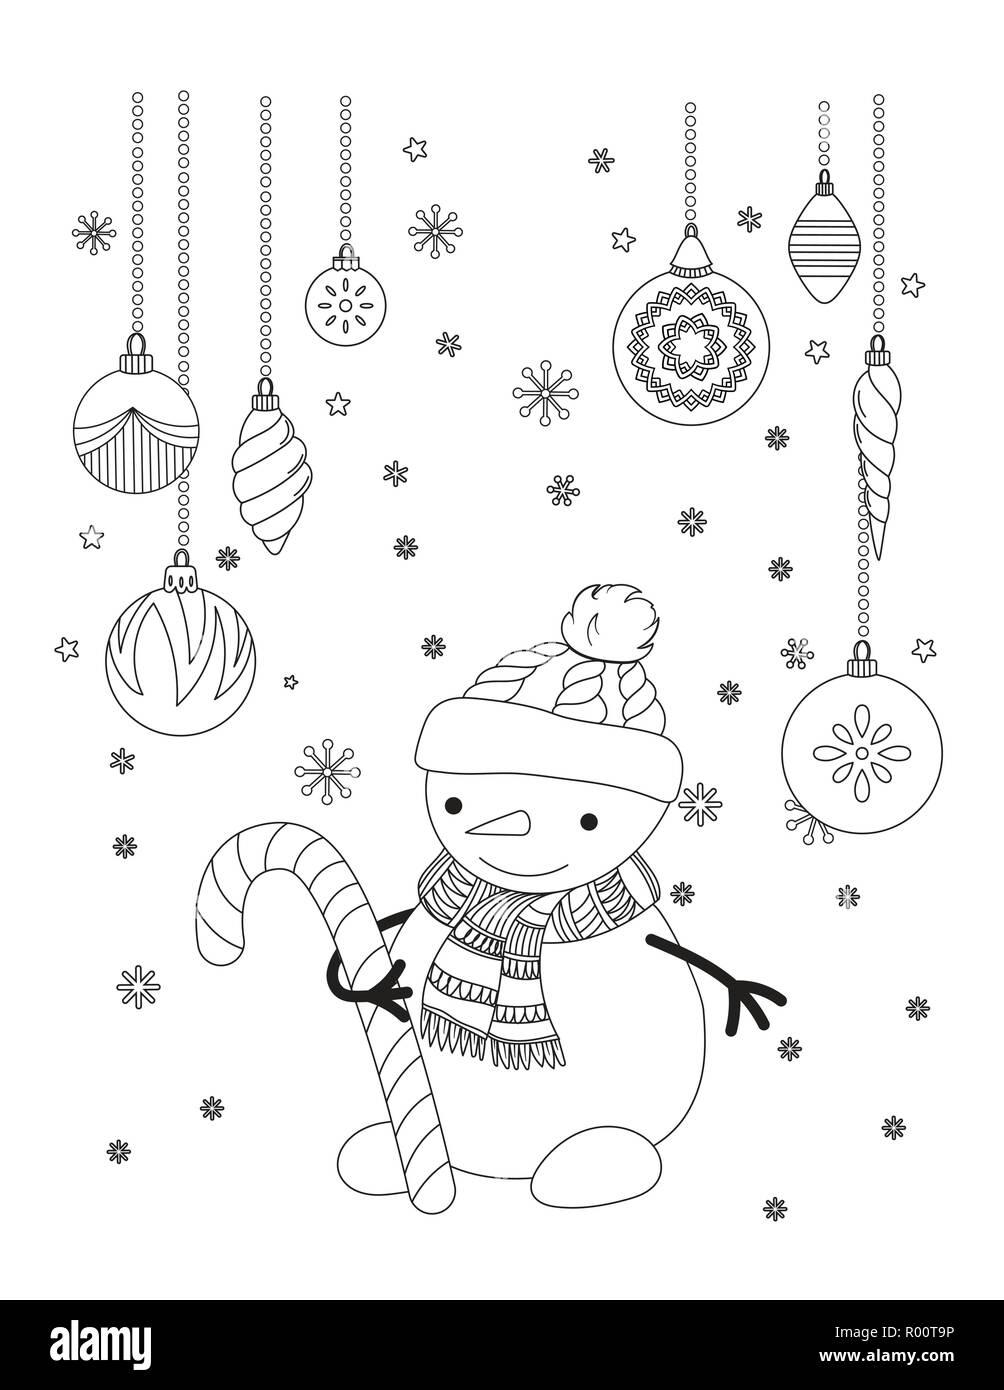 Página Para Colorear De Navidad Para Niños Y Adultos Lindo Muñeco